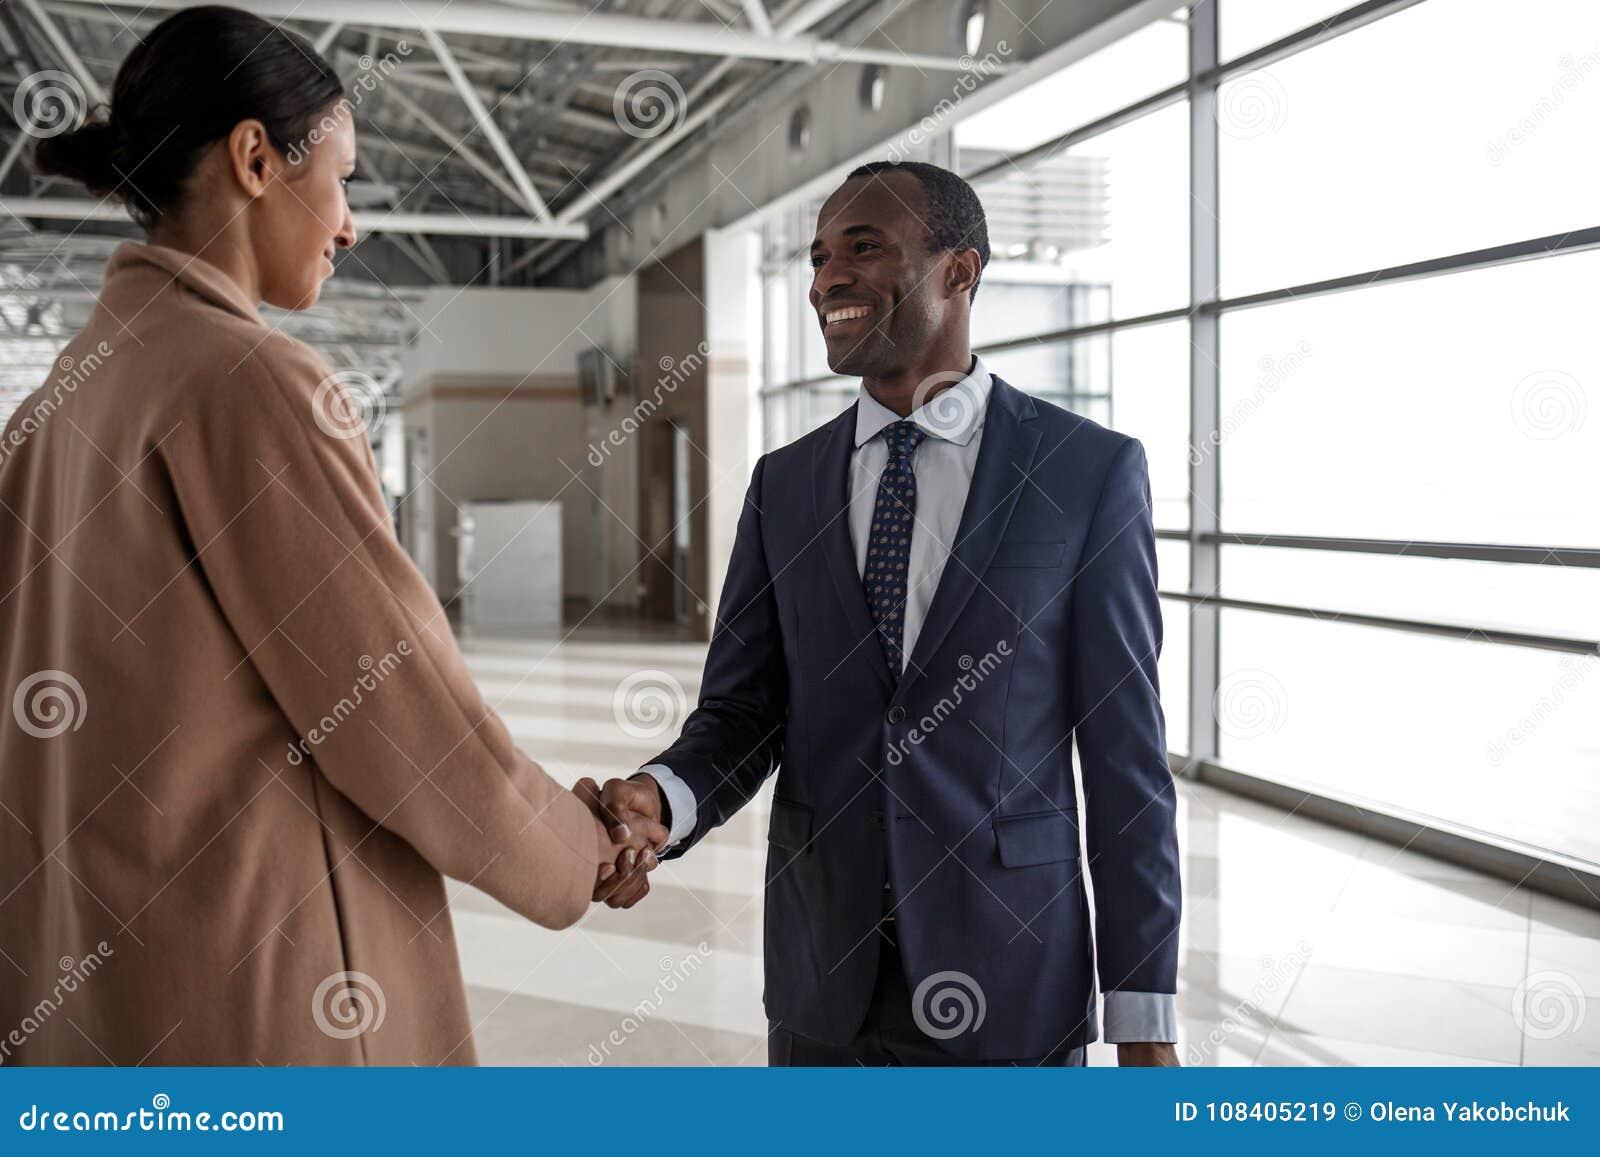 Mannen utbyter hälsningar med den positiva kvinnlign